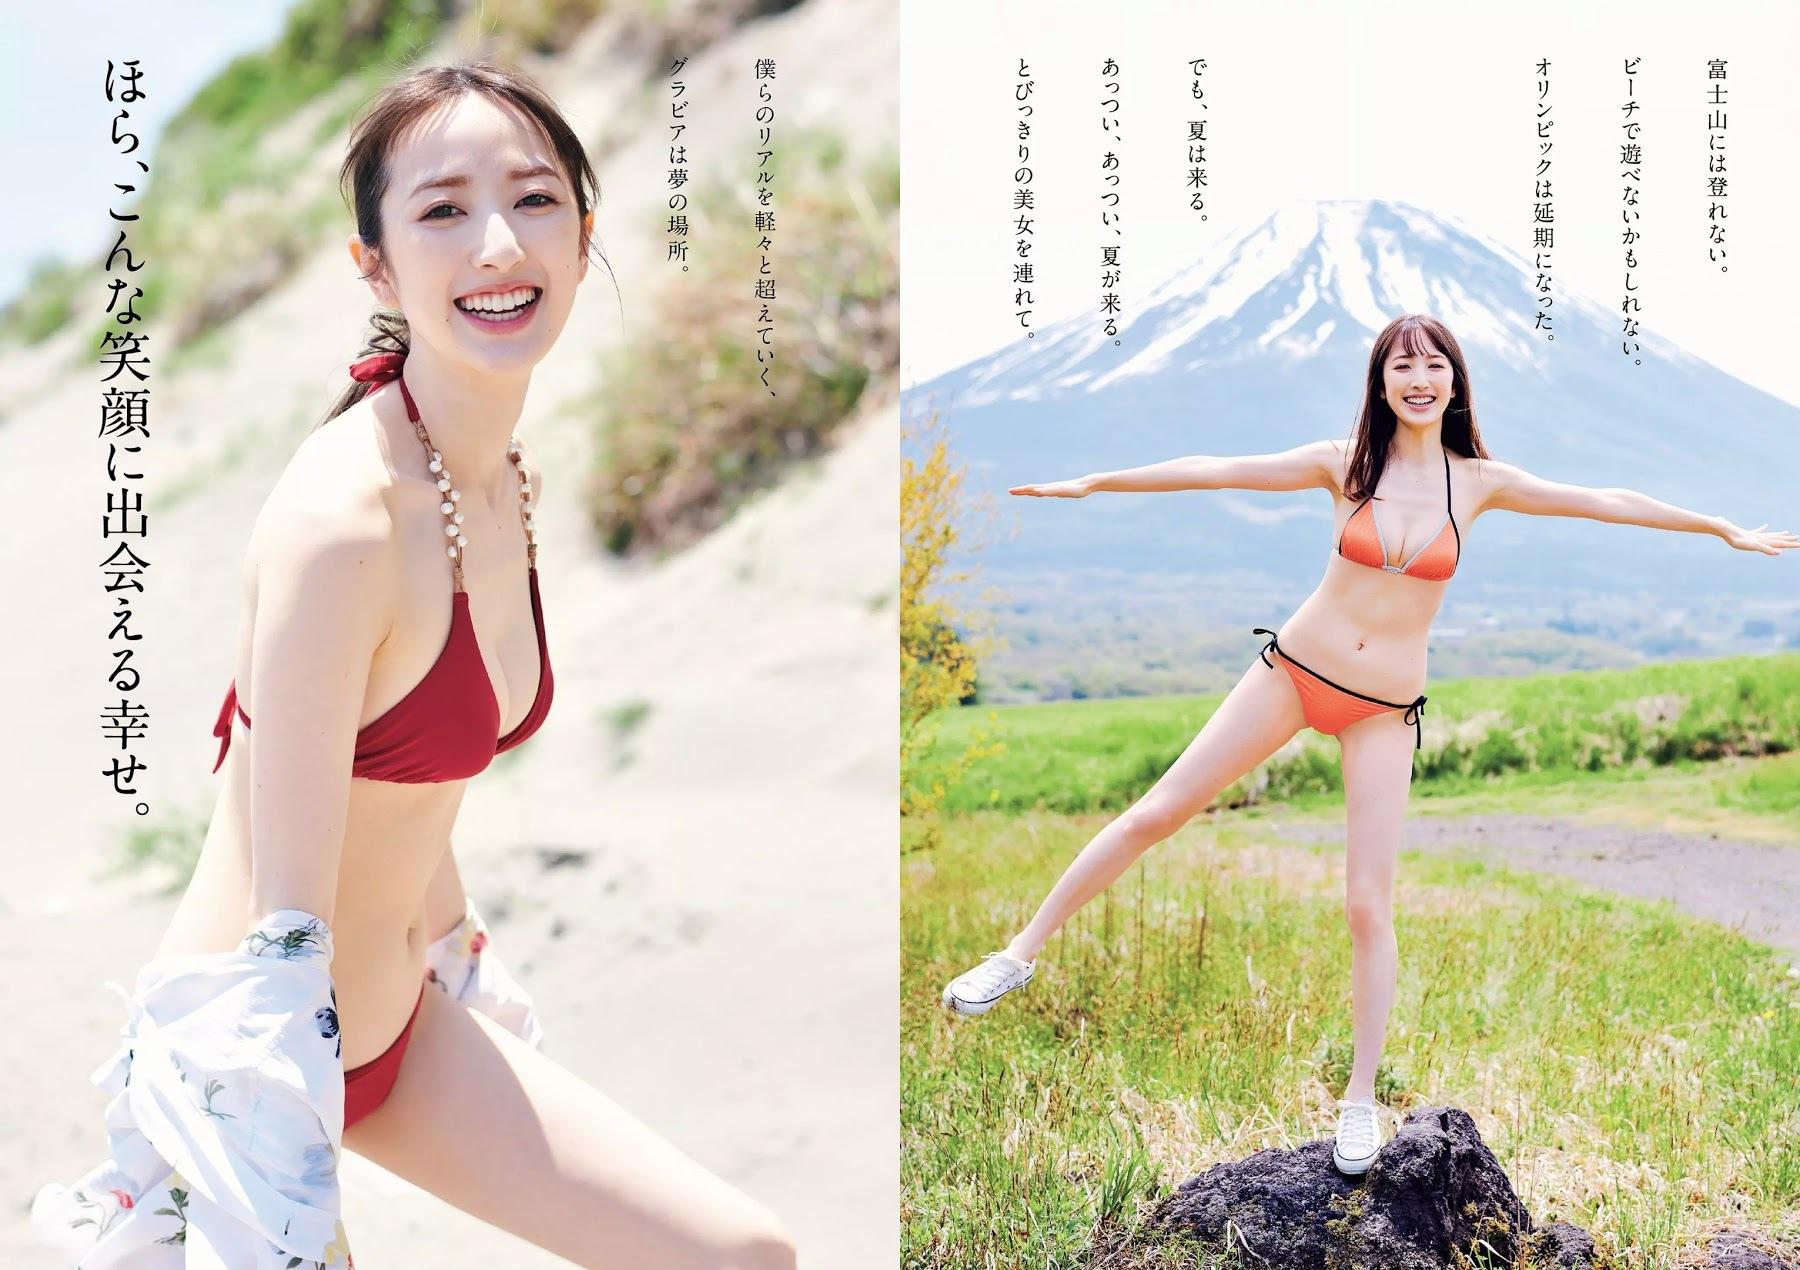 Haruka Dan Dan swimsuit gravure 27 years old Royal road former Zip001